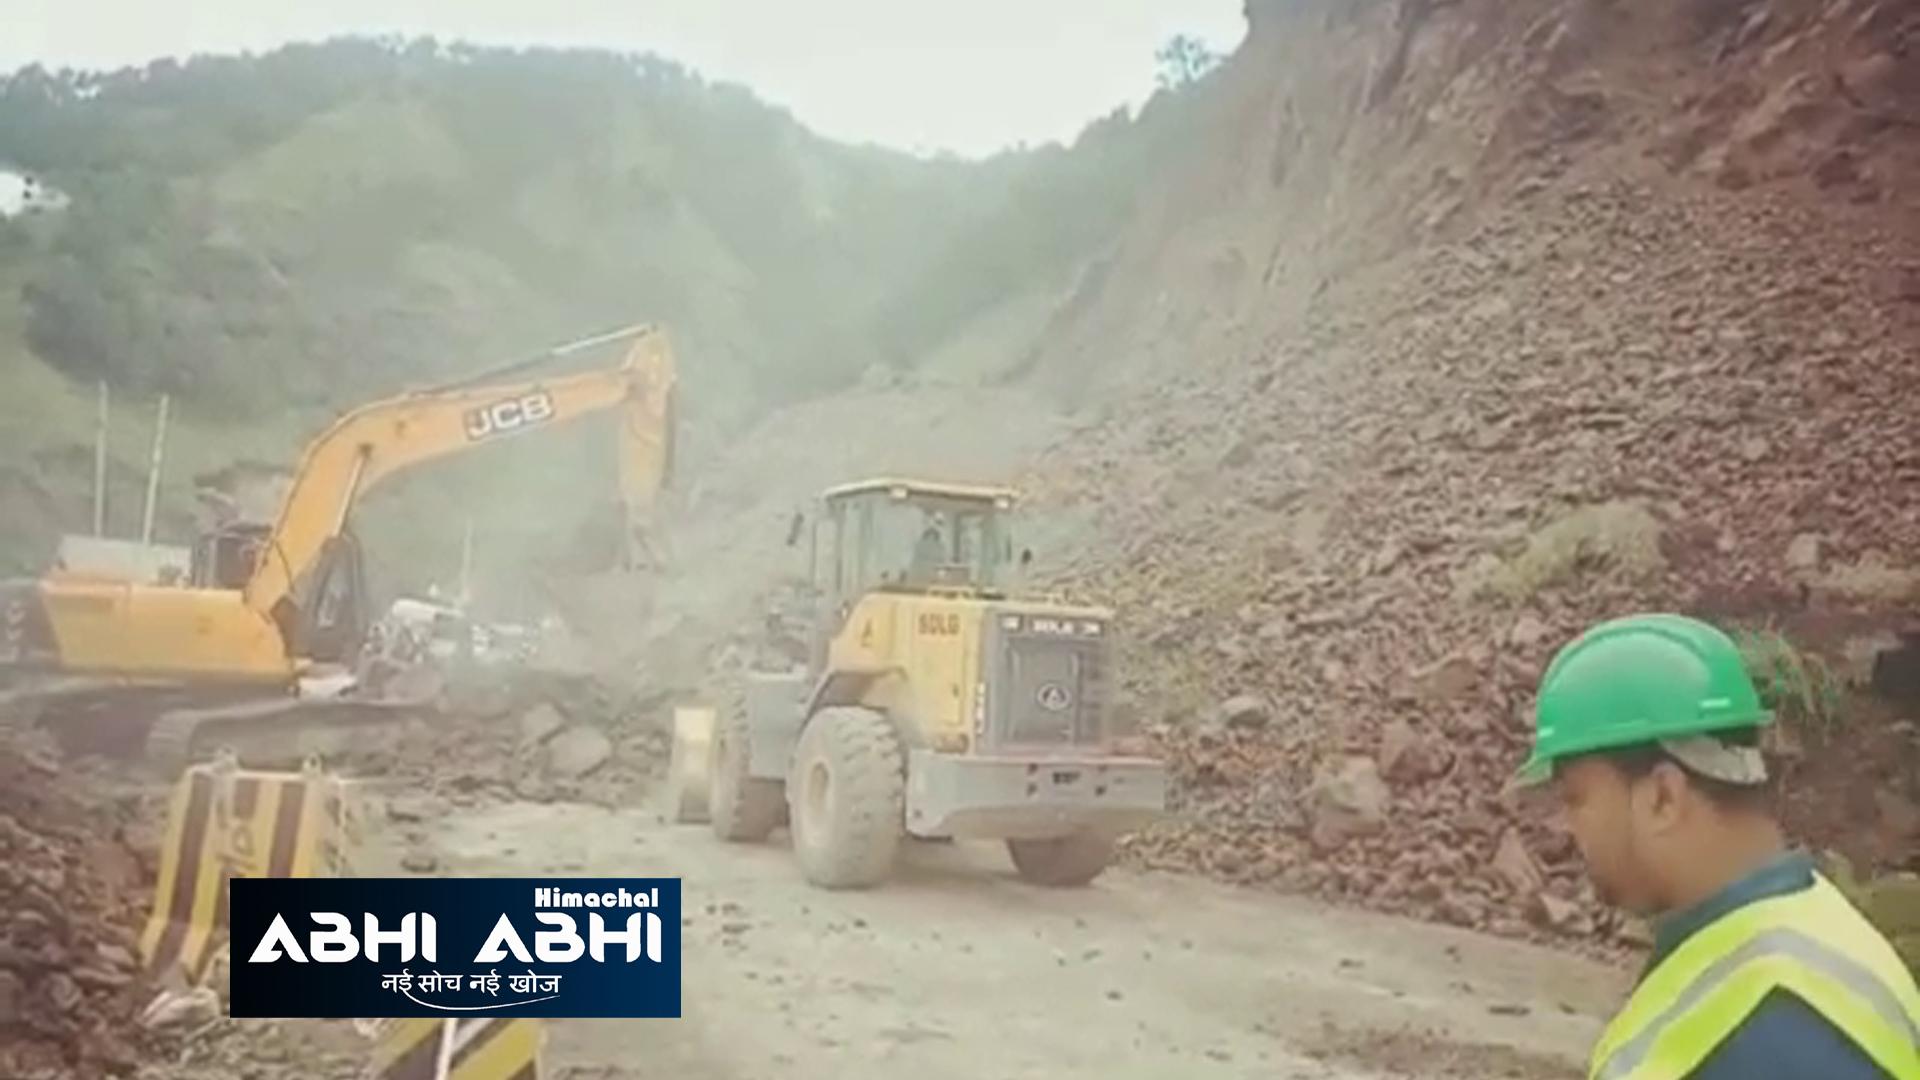 हिमाचलः कालका-शिमला एनएच पर क्यारीबंगला में भूस्खलन, वाहनों की रफ्तार थमी